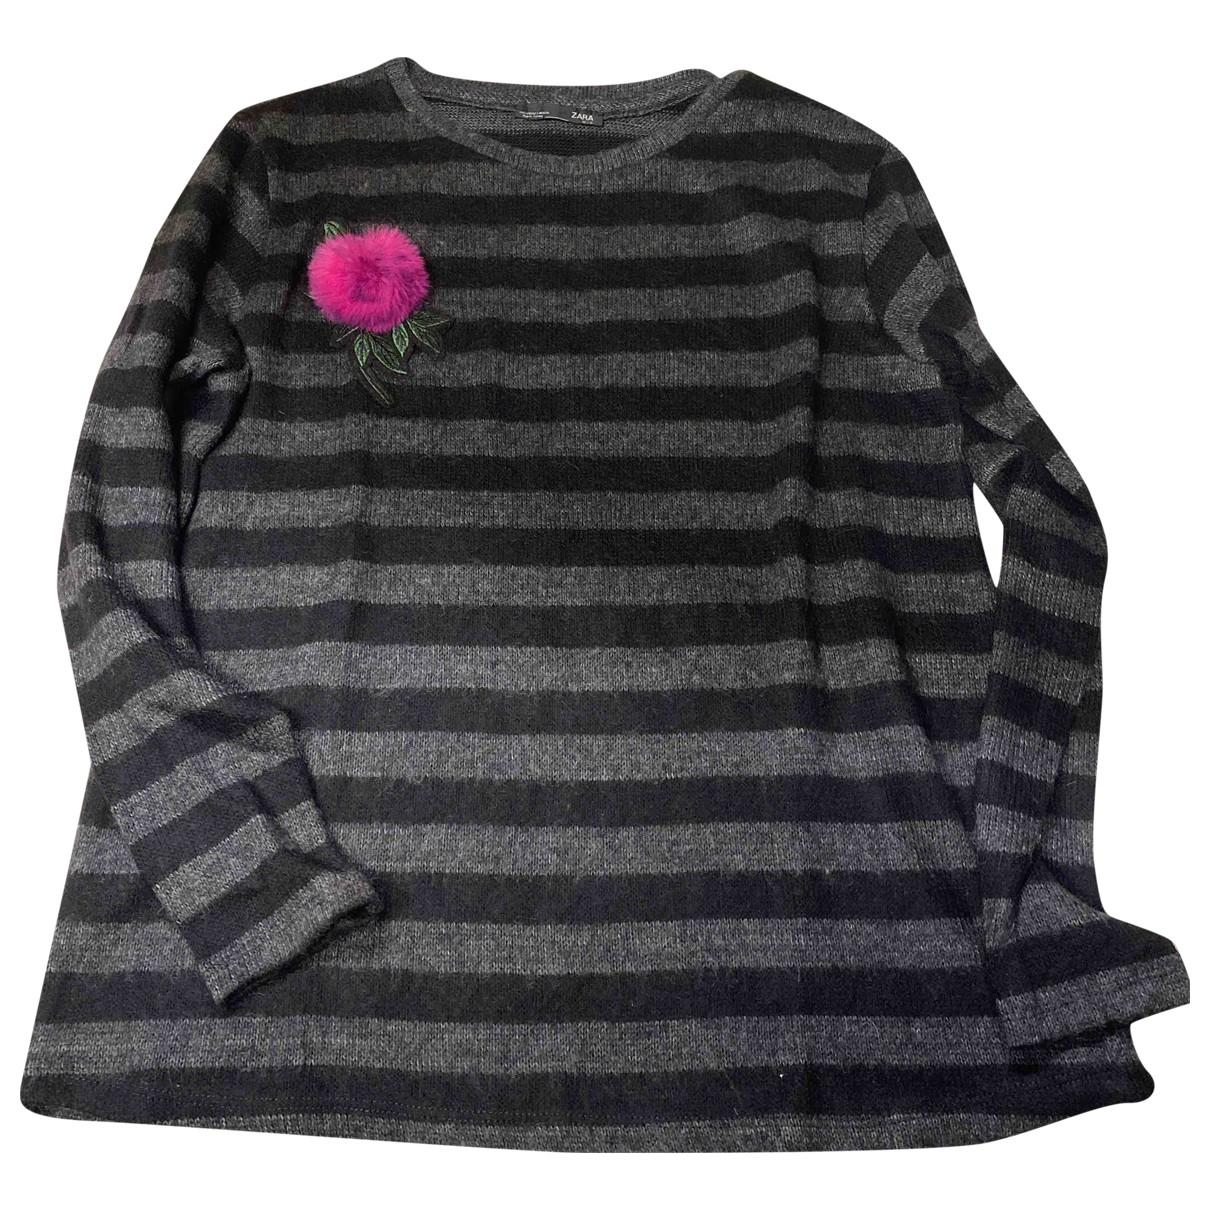 Zara N Black Wool Knitwear for Women S International